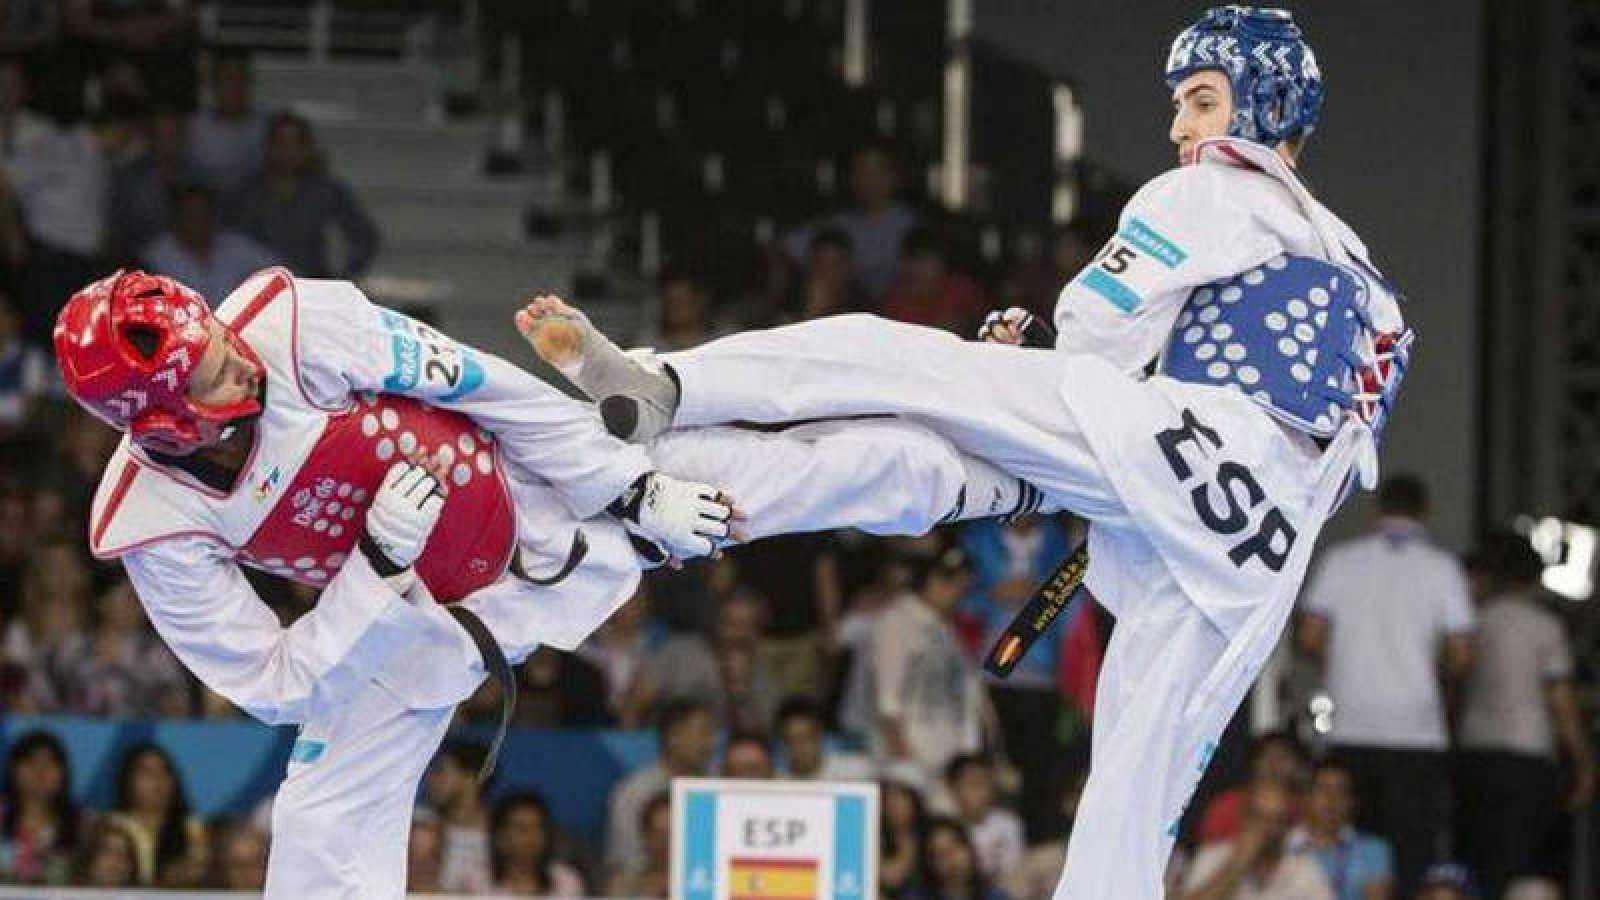 Jesús Tortosa plata, en el Grand Prix de taekwondo